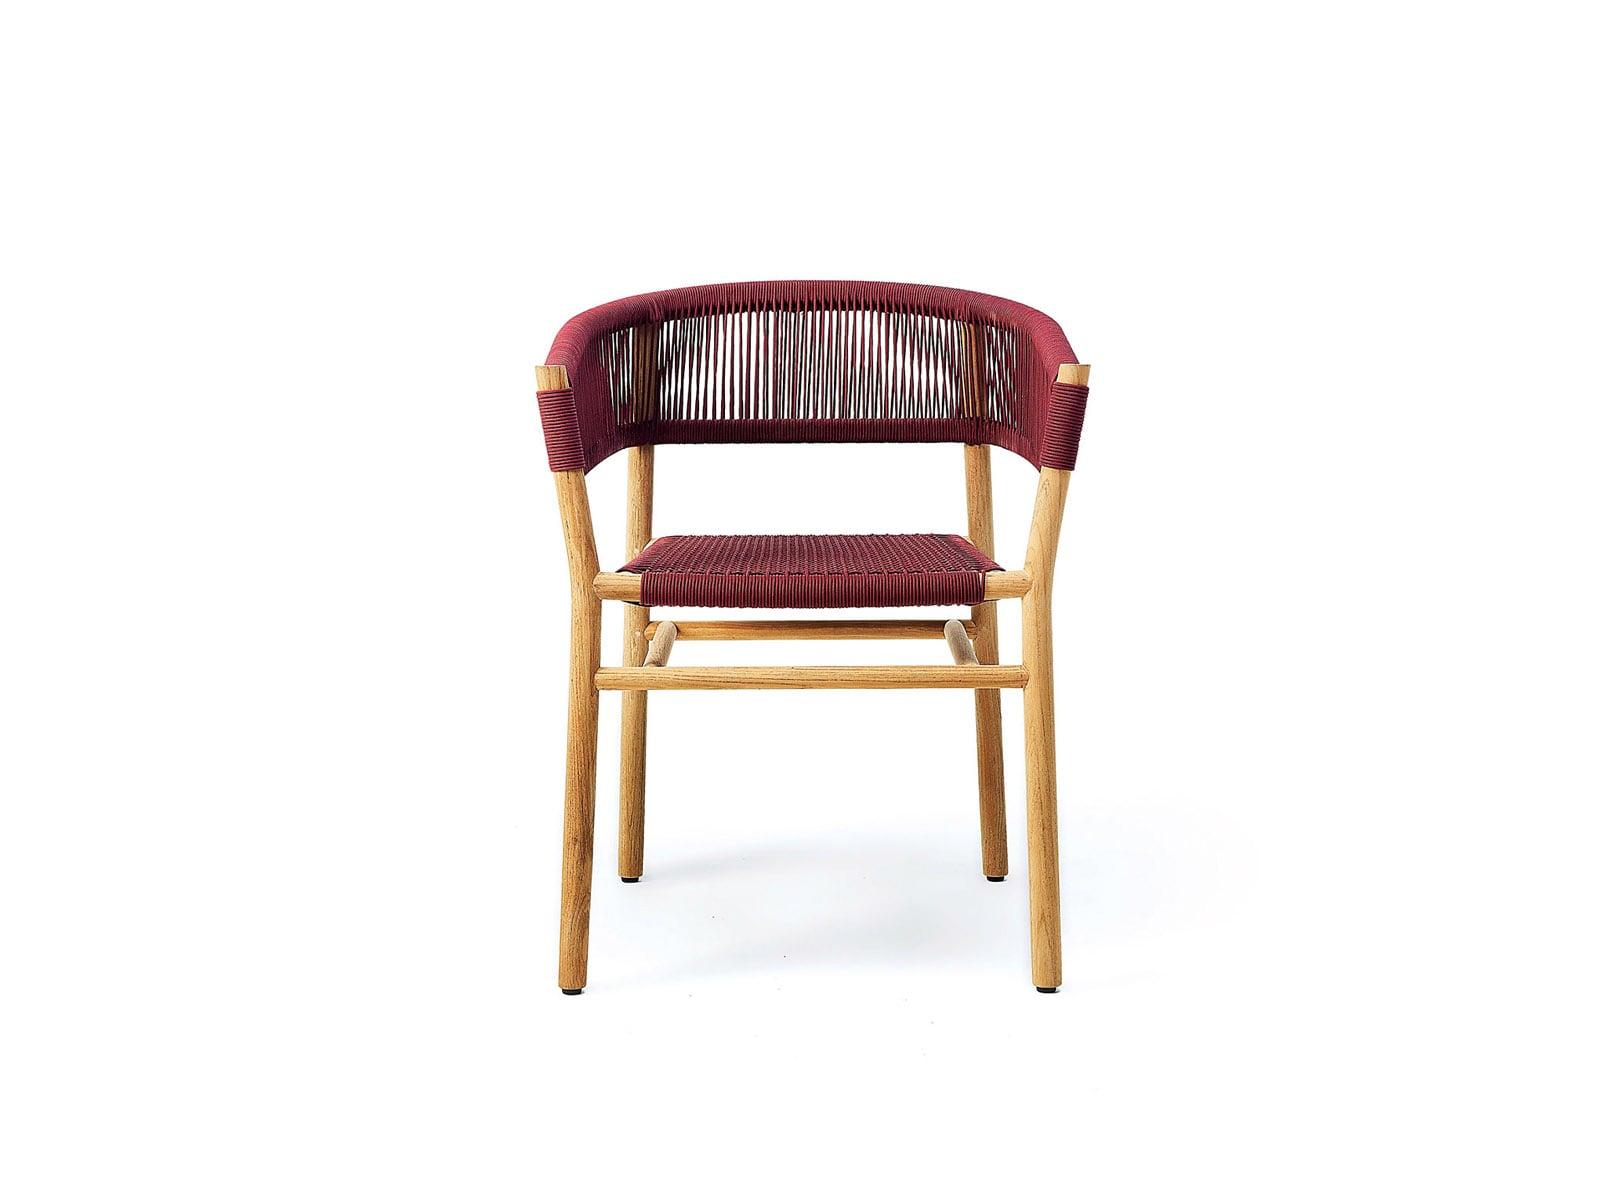 Kilt dining chair